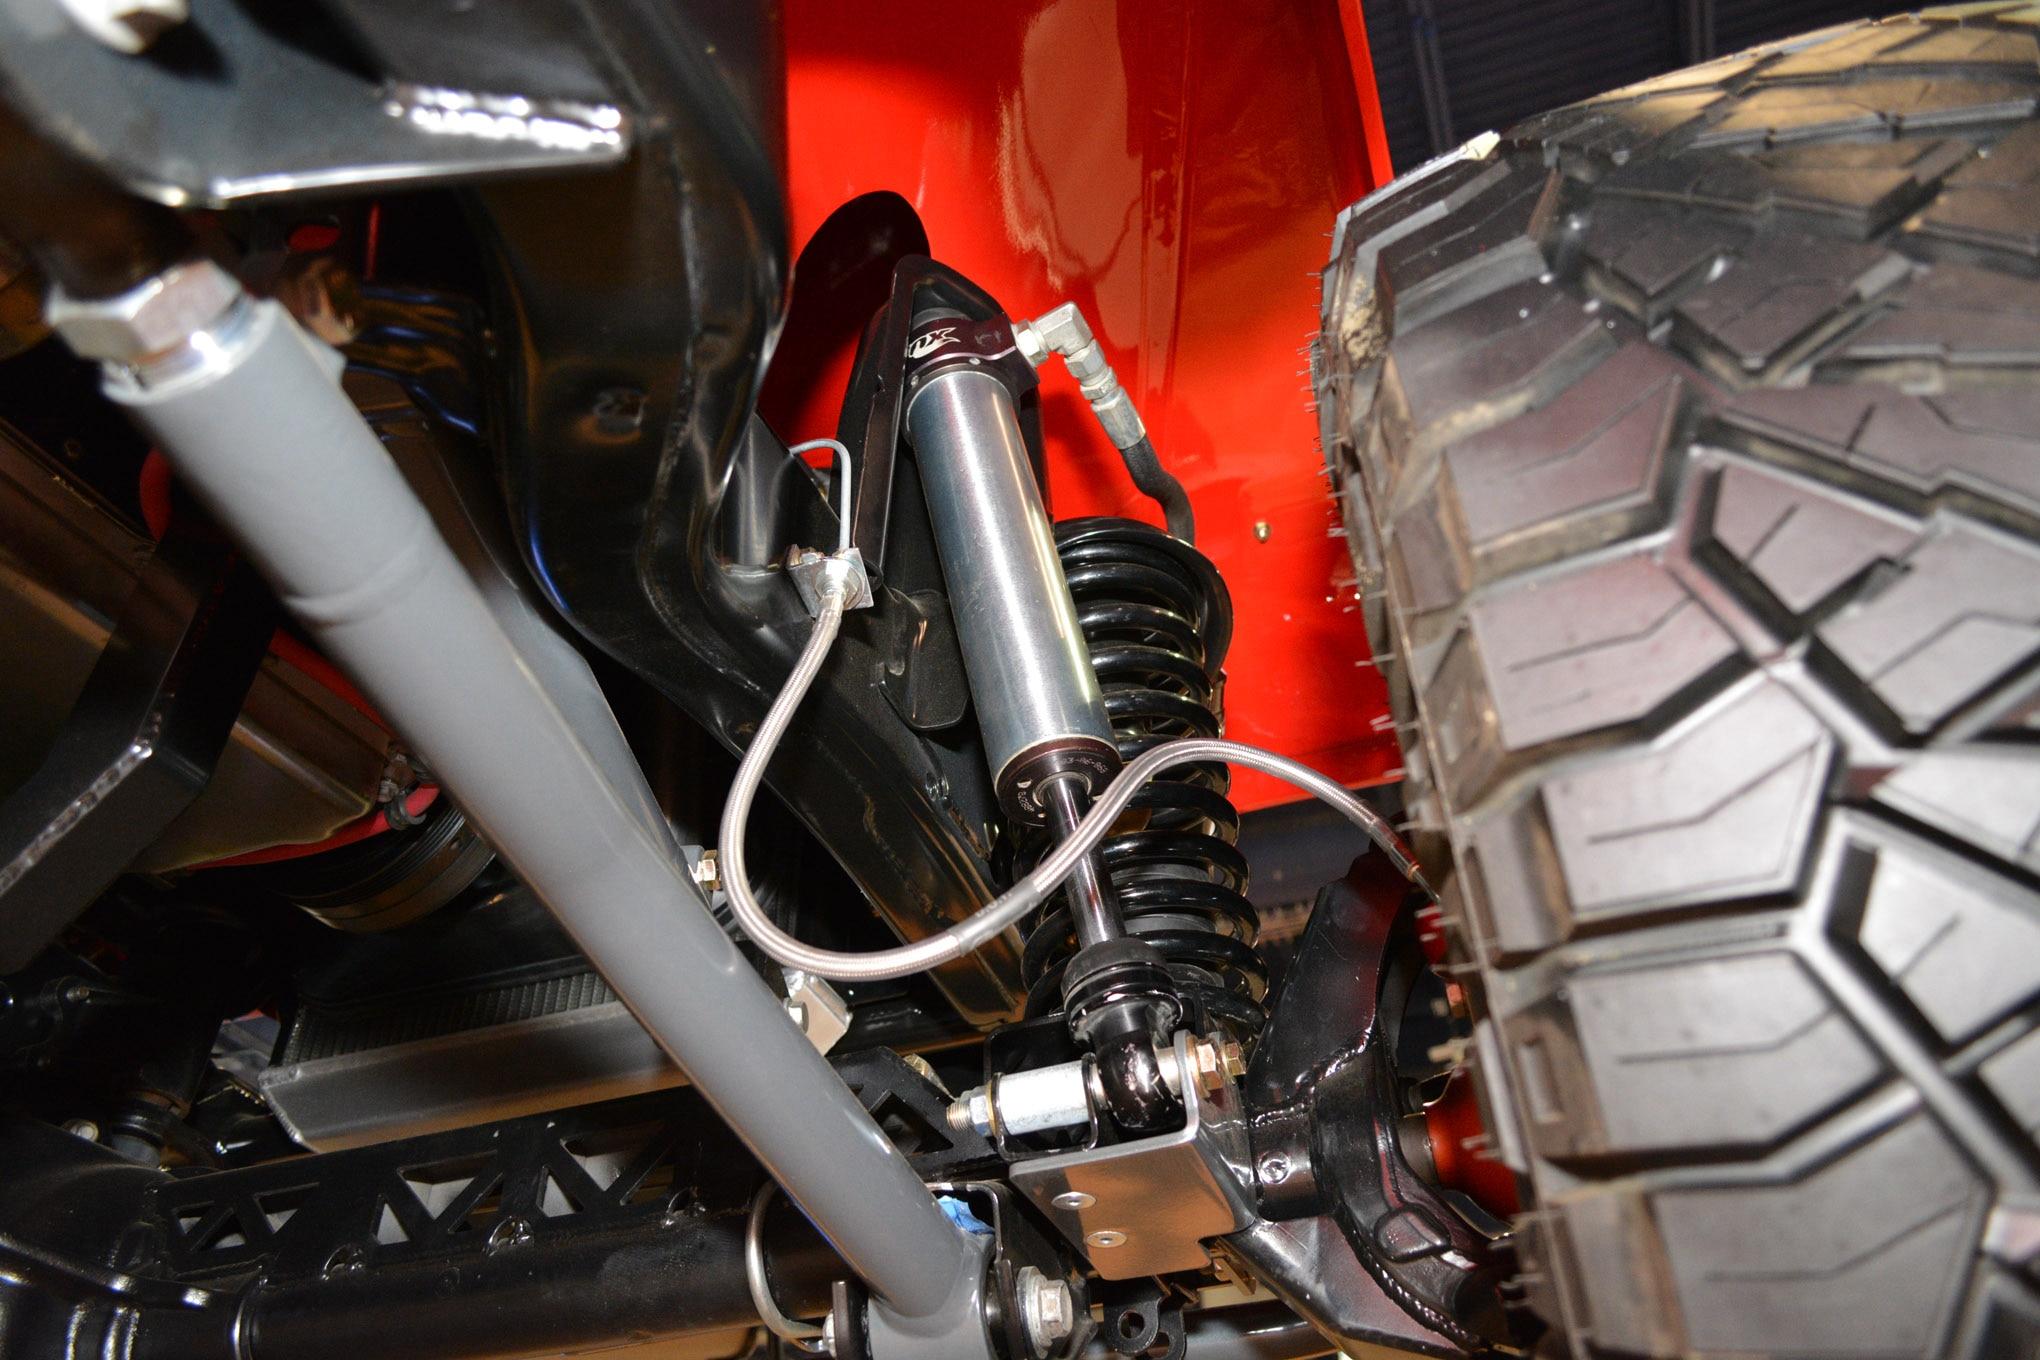 005 sema jeep mini feature jkcommando front suspension